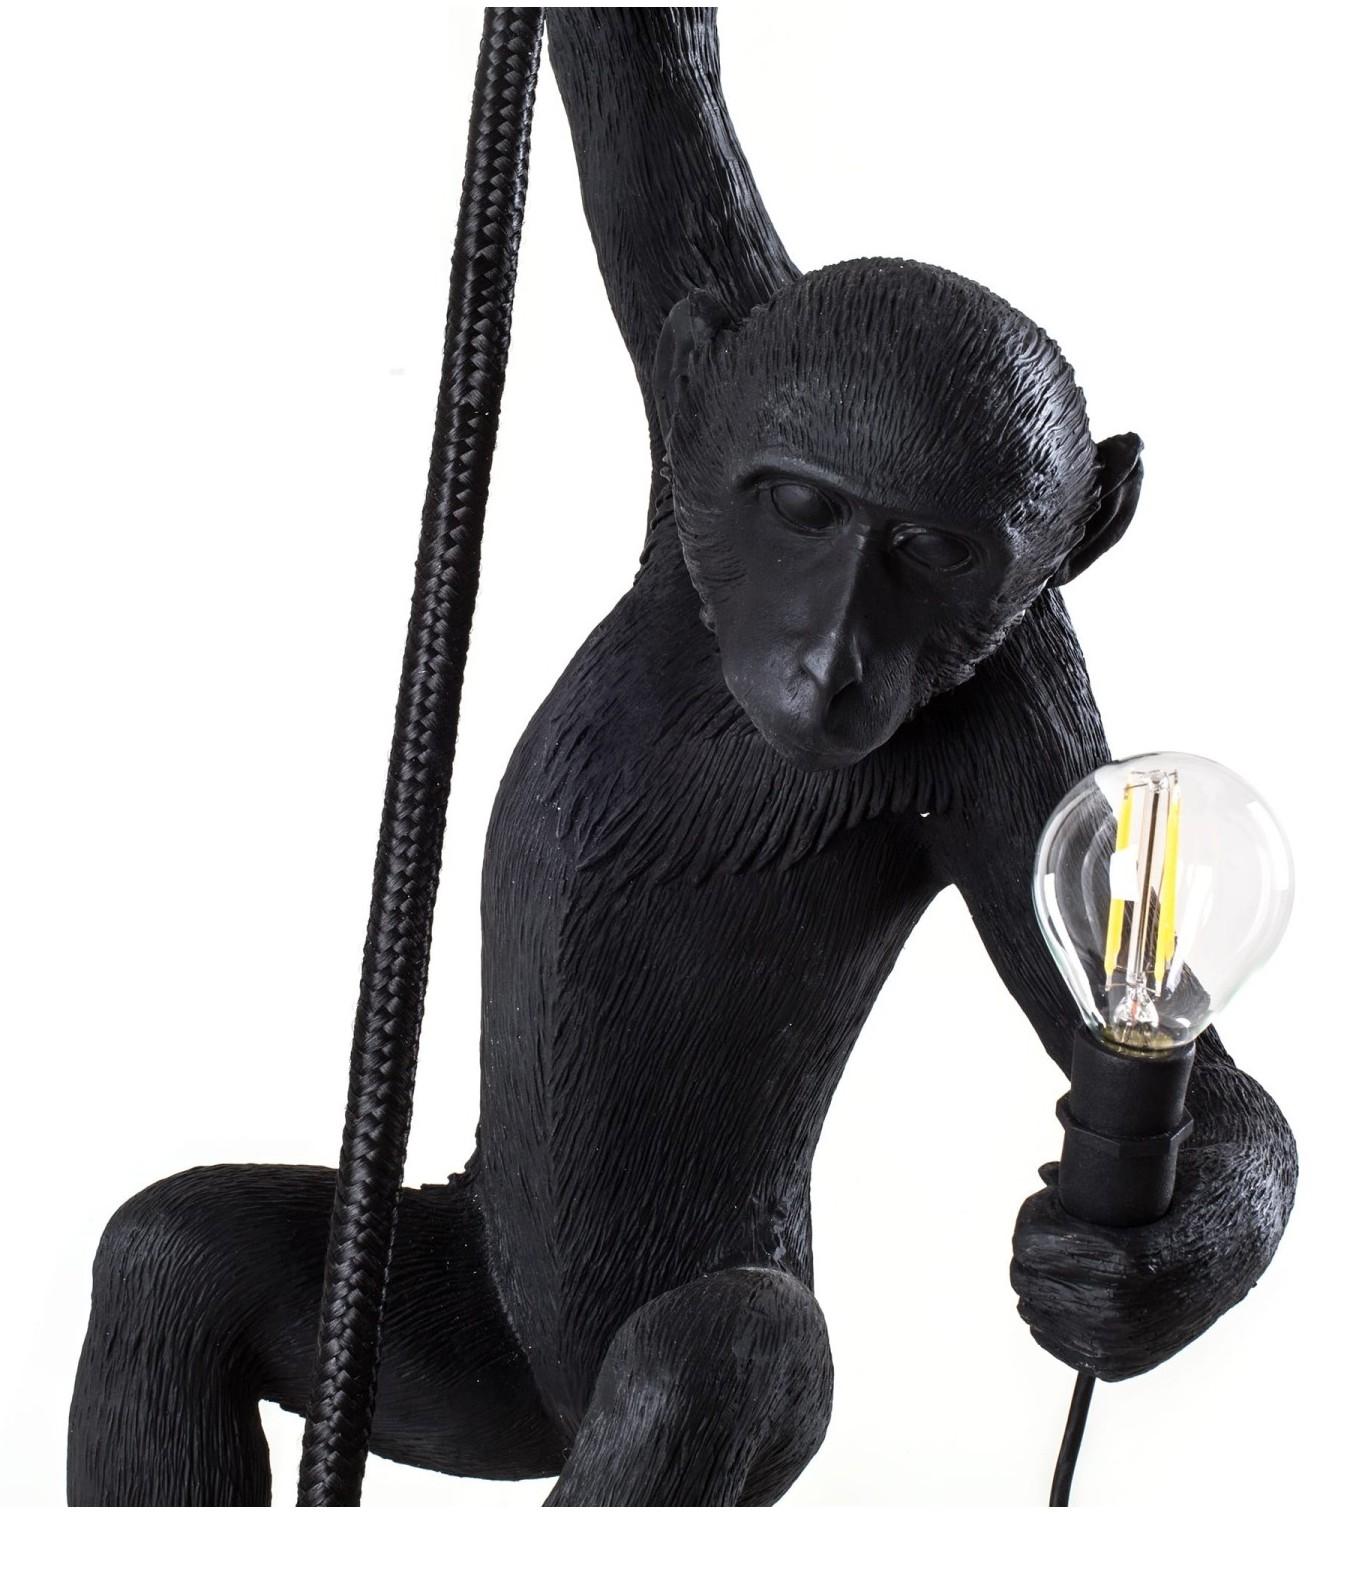 Hanging Monkey Lamp: Exterior Hanging Monkey Pendant With Rope & LED Lamp